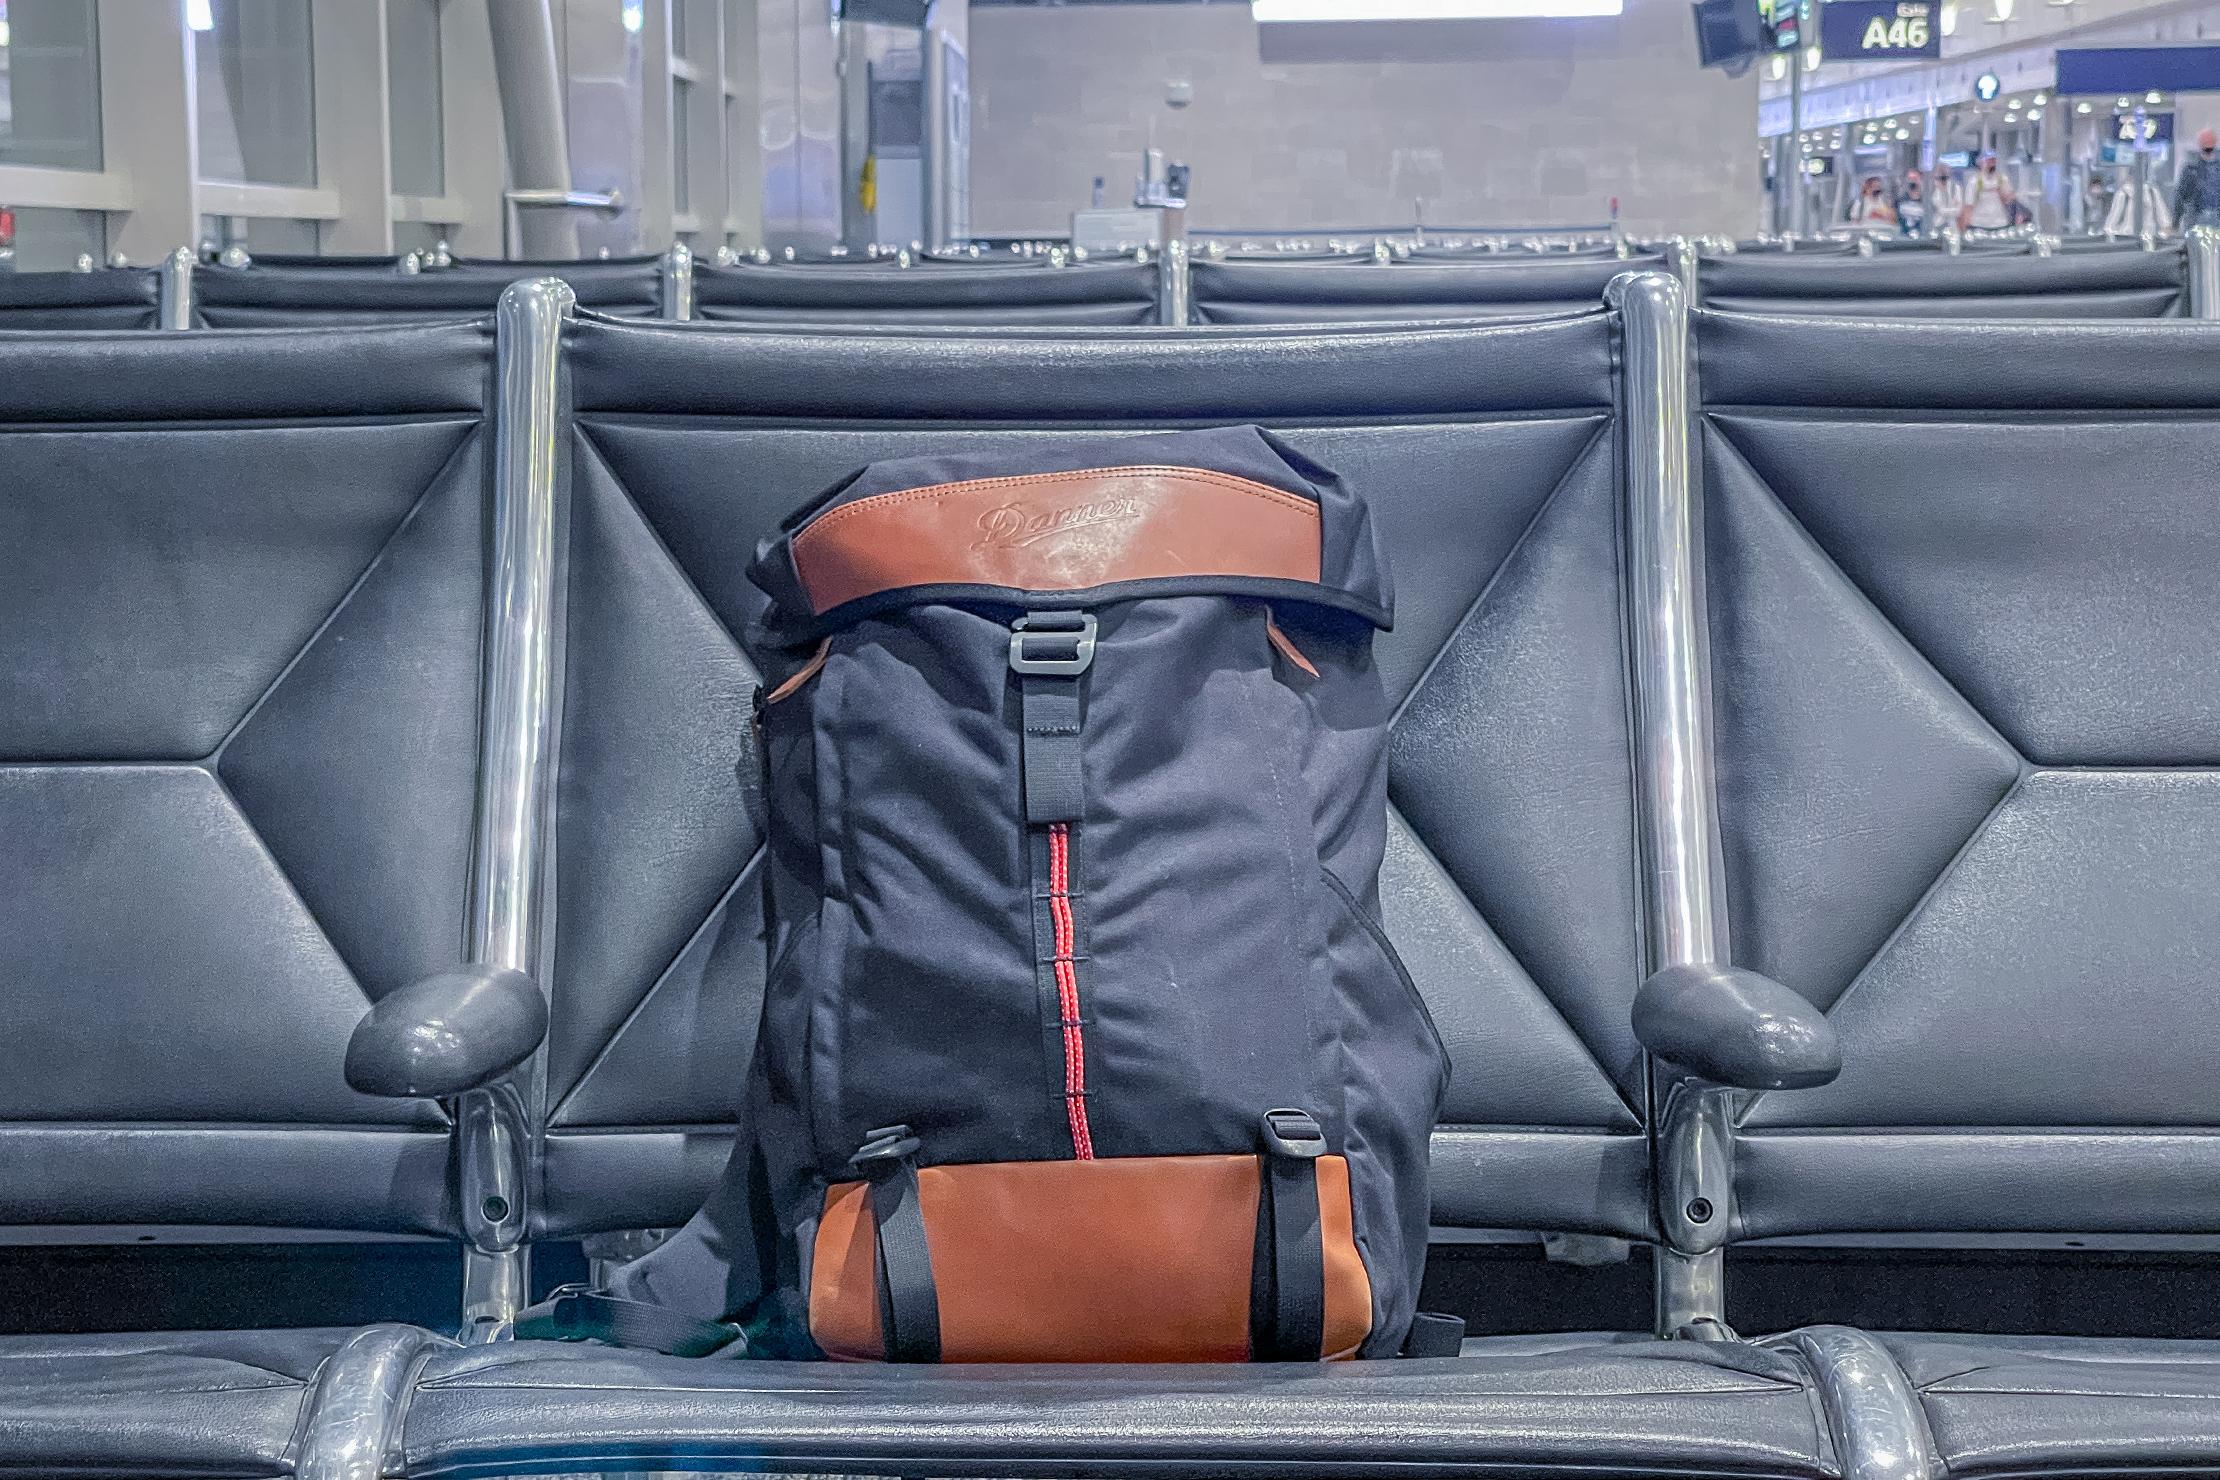 Danner 26L Daypack at Airport